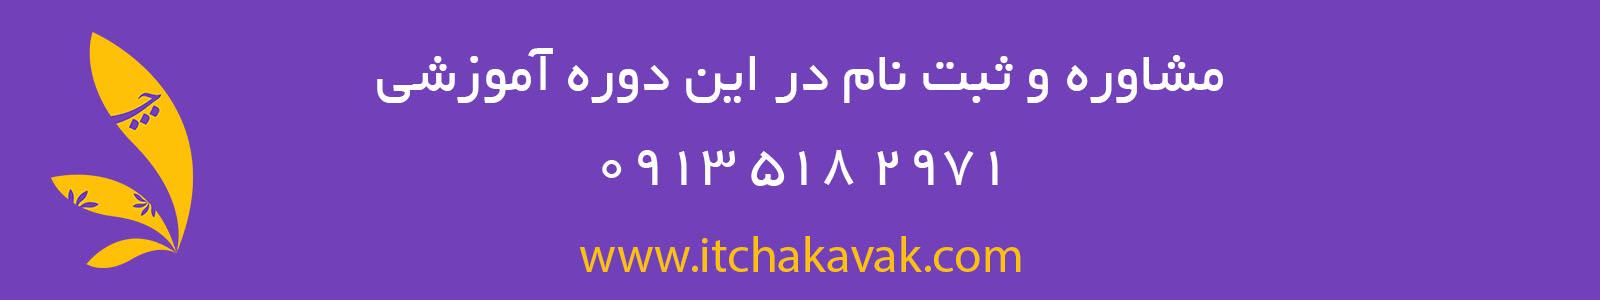 ثبت نام آموزش کامپیوتر در یزد